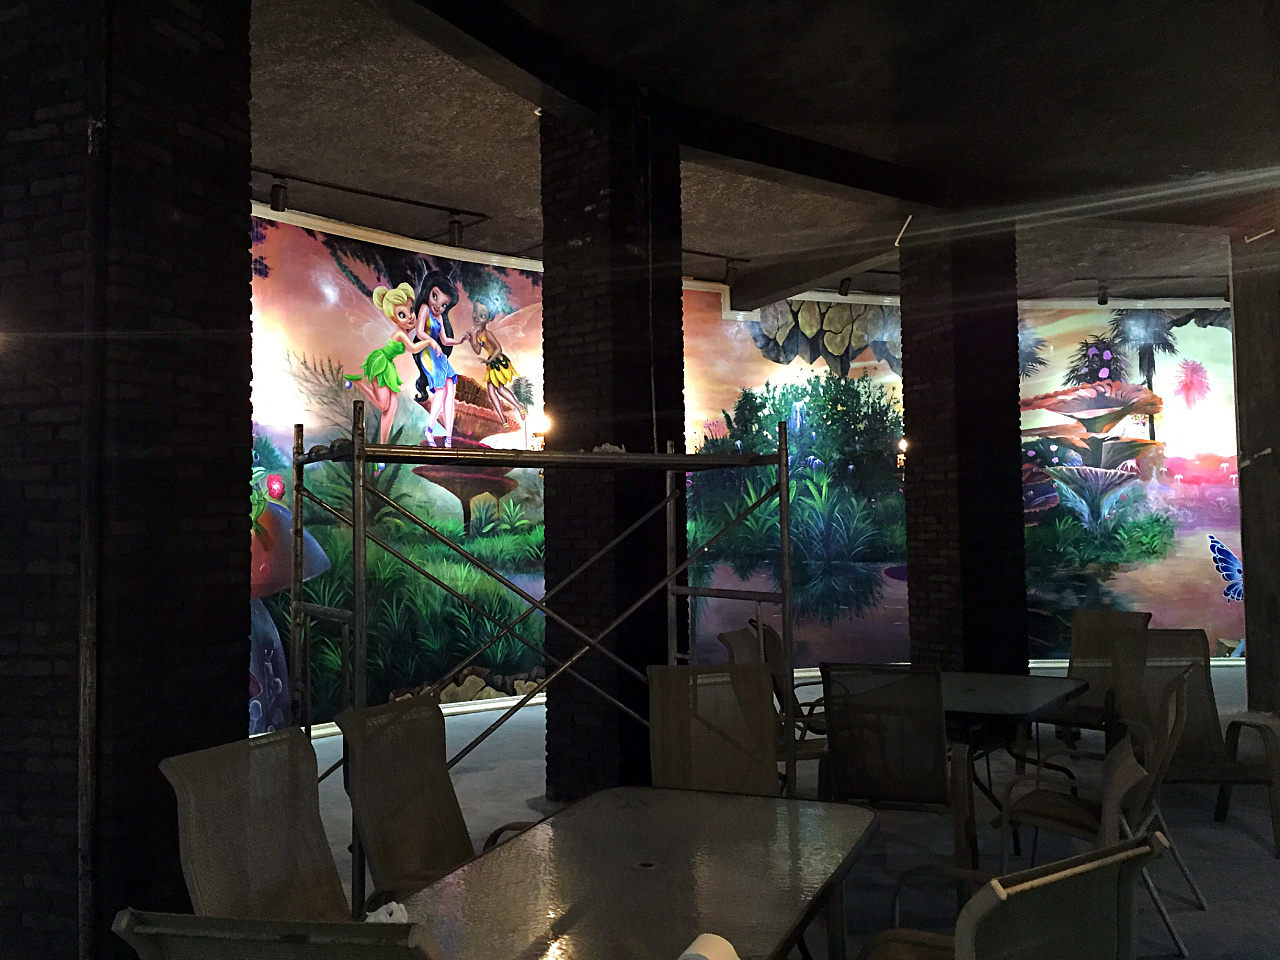 温莎泉州城堡香草福建攻略大型壁画,3d世界出炉啦!Ps超级机器人壁画完美大战图片